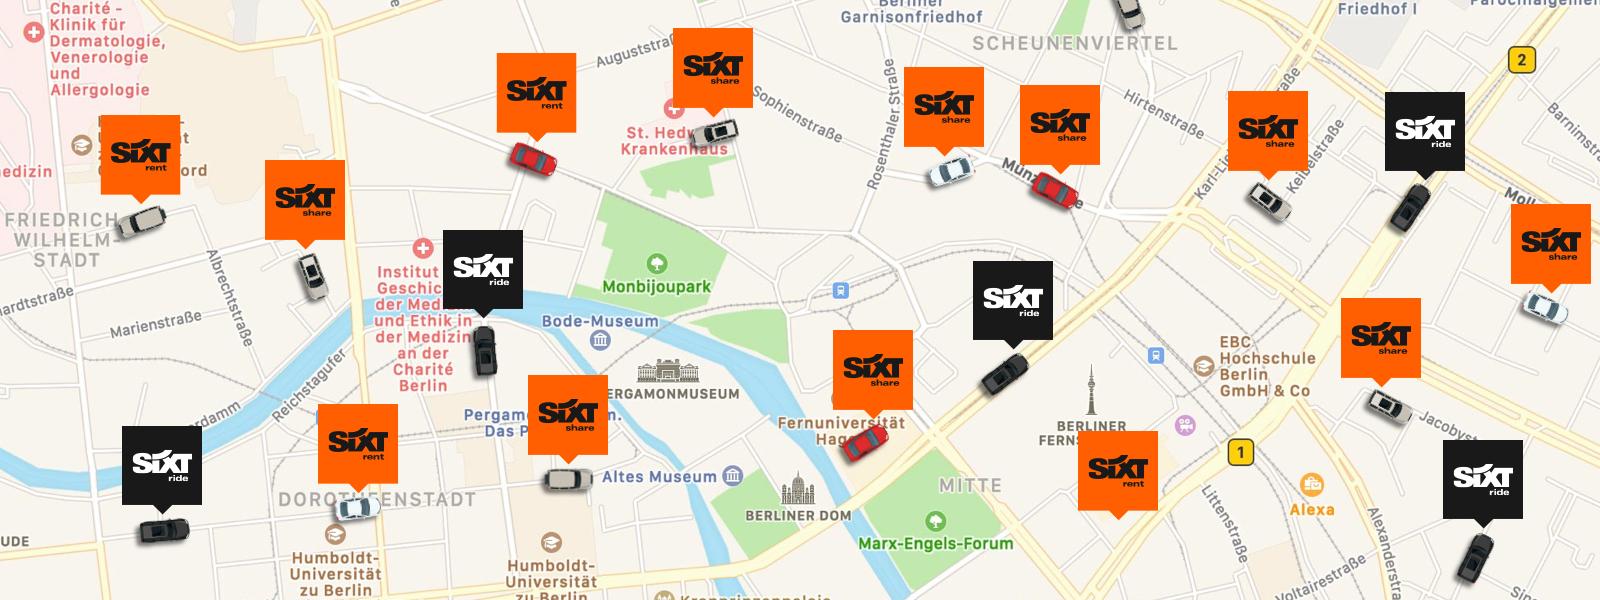 Sixt App Header Image V3